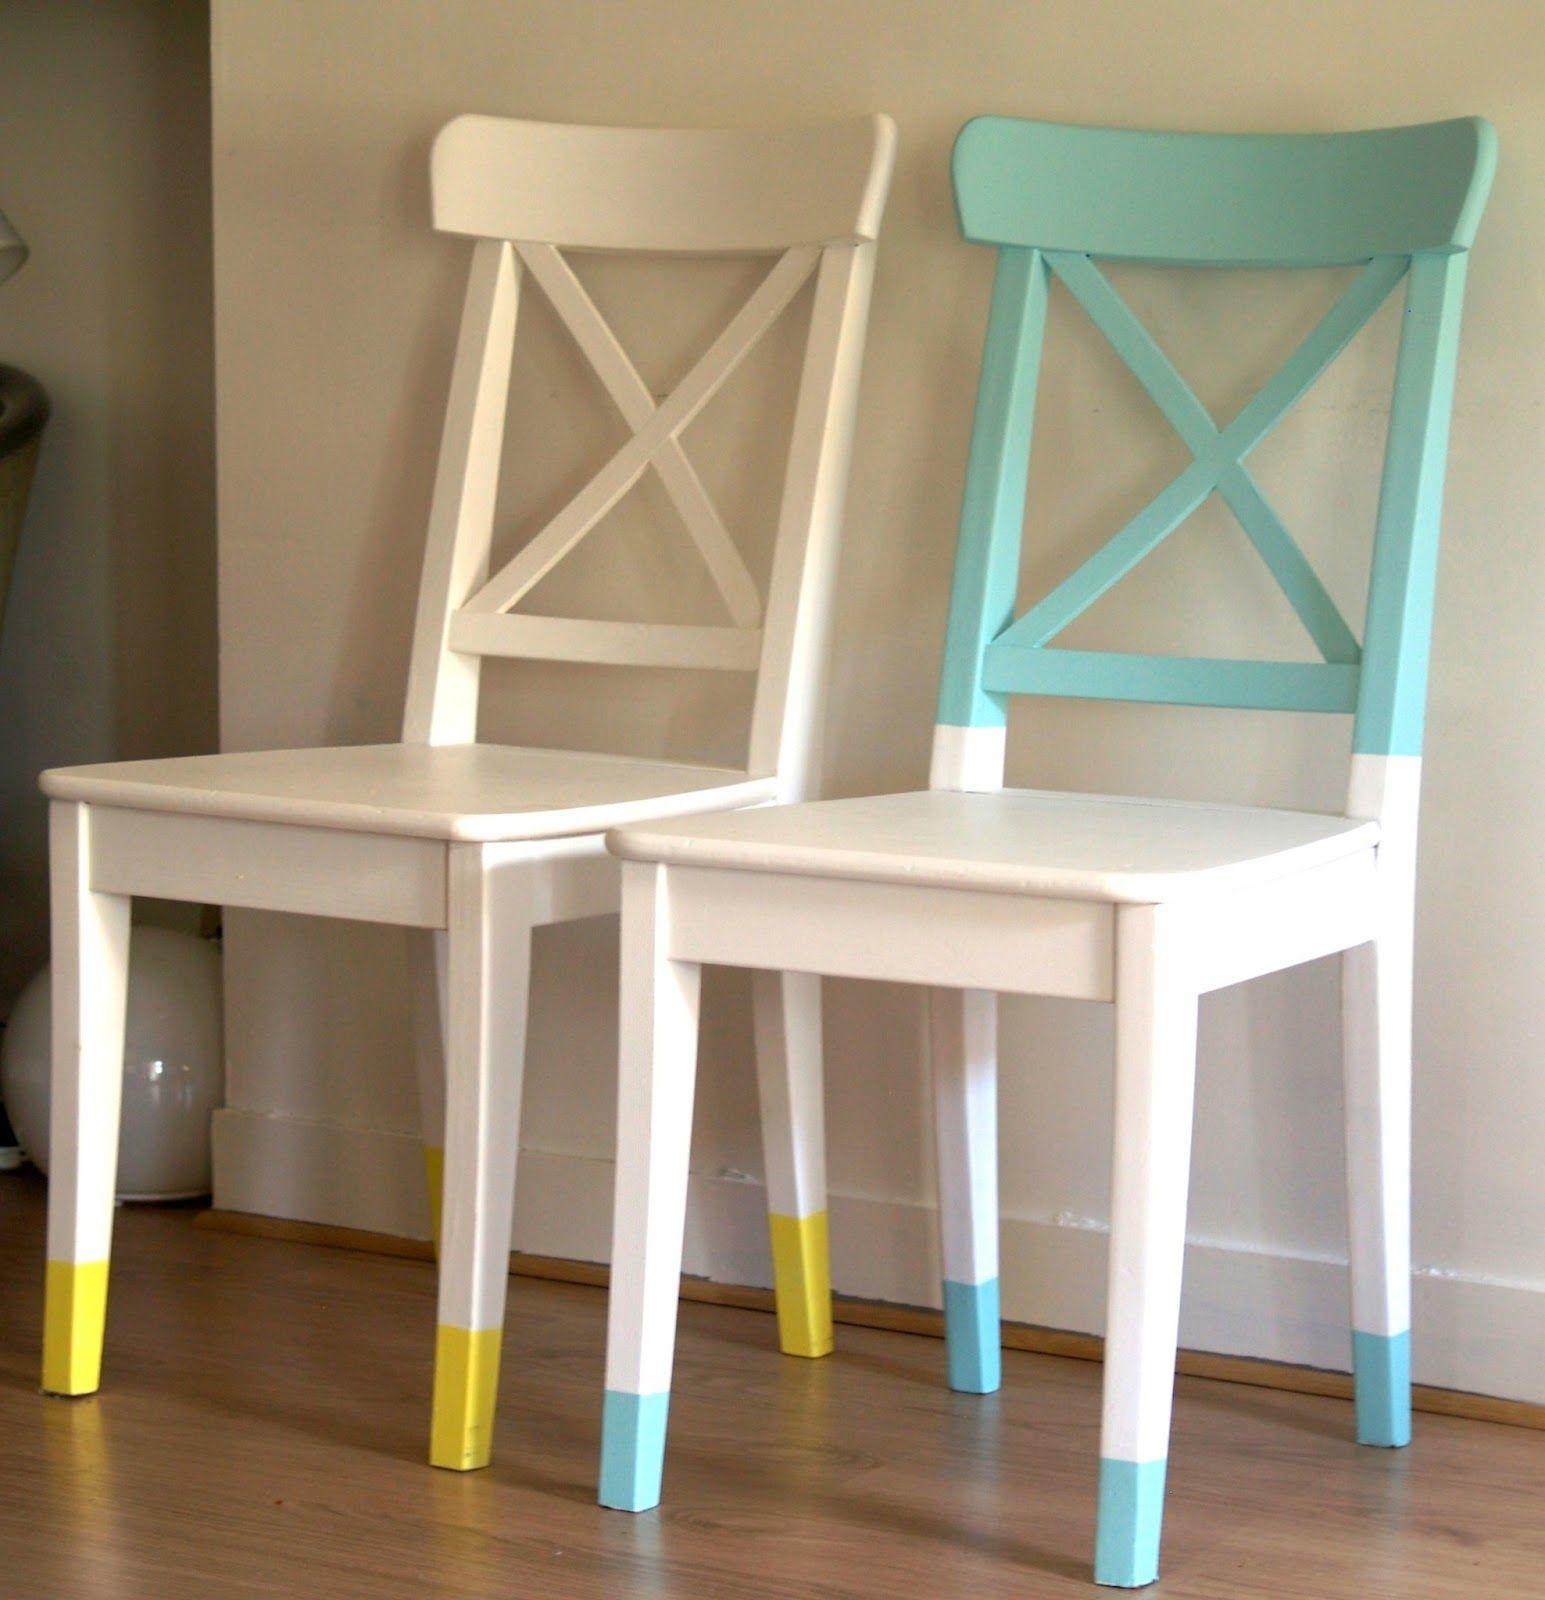 Repeindre Une Chaise Diy Pour Une 2eme Vie Chaise Diy Relooking De Mobilier Chaises Colorees